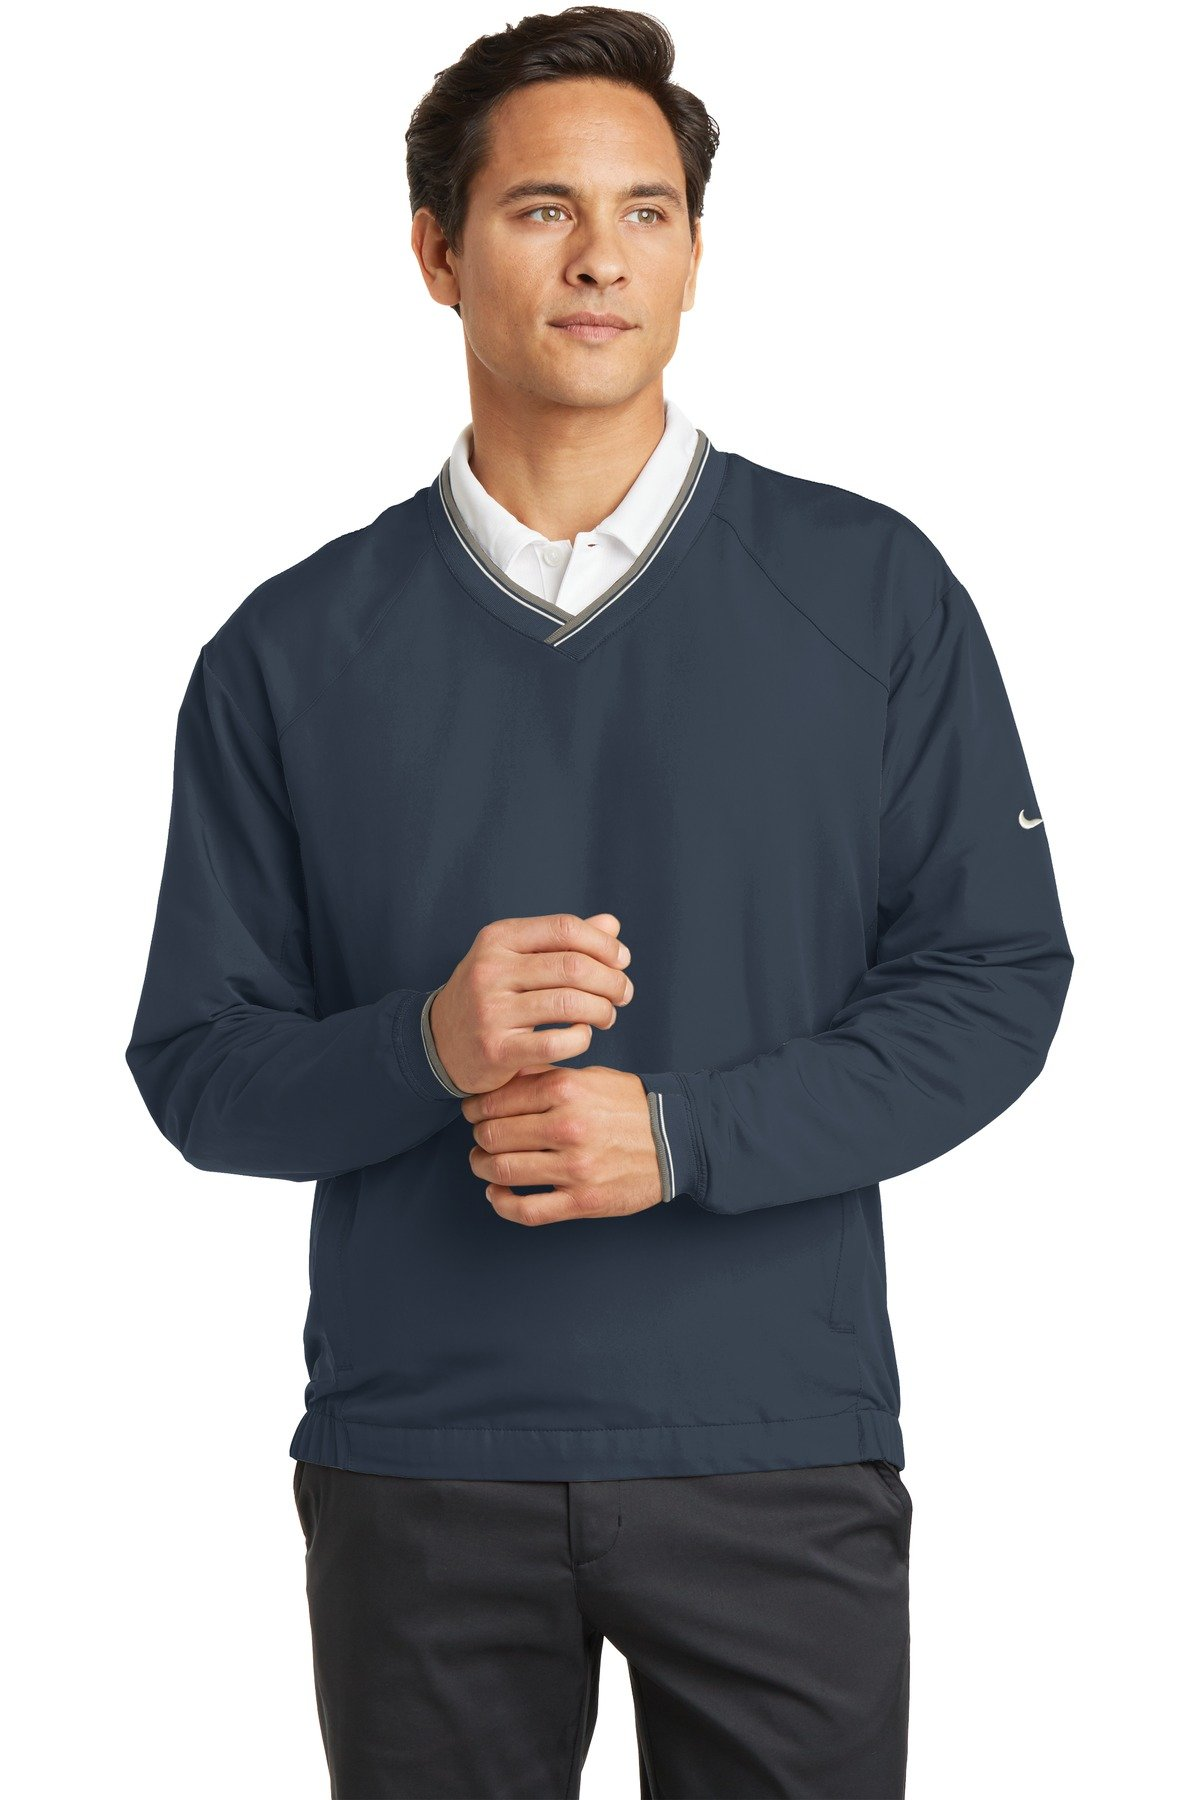 Nike Golf - V-Neck Wind Shirt , 234180, Navy, S by Nike